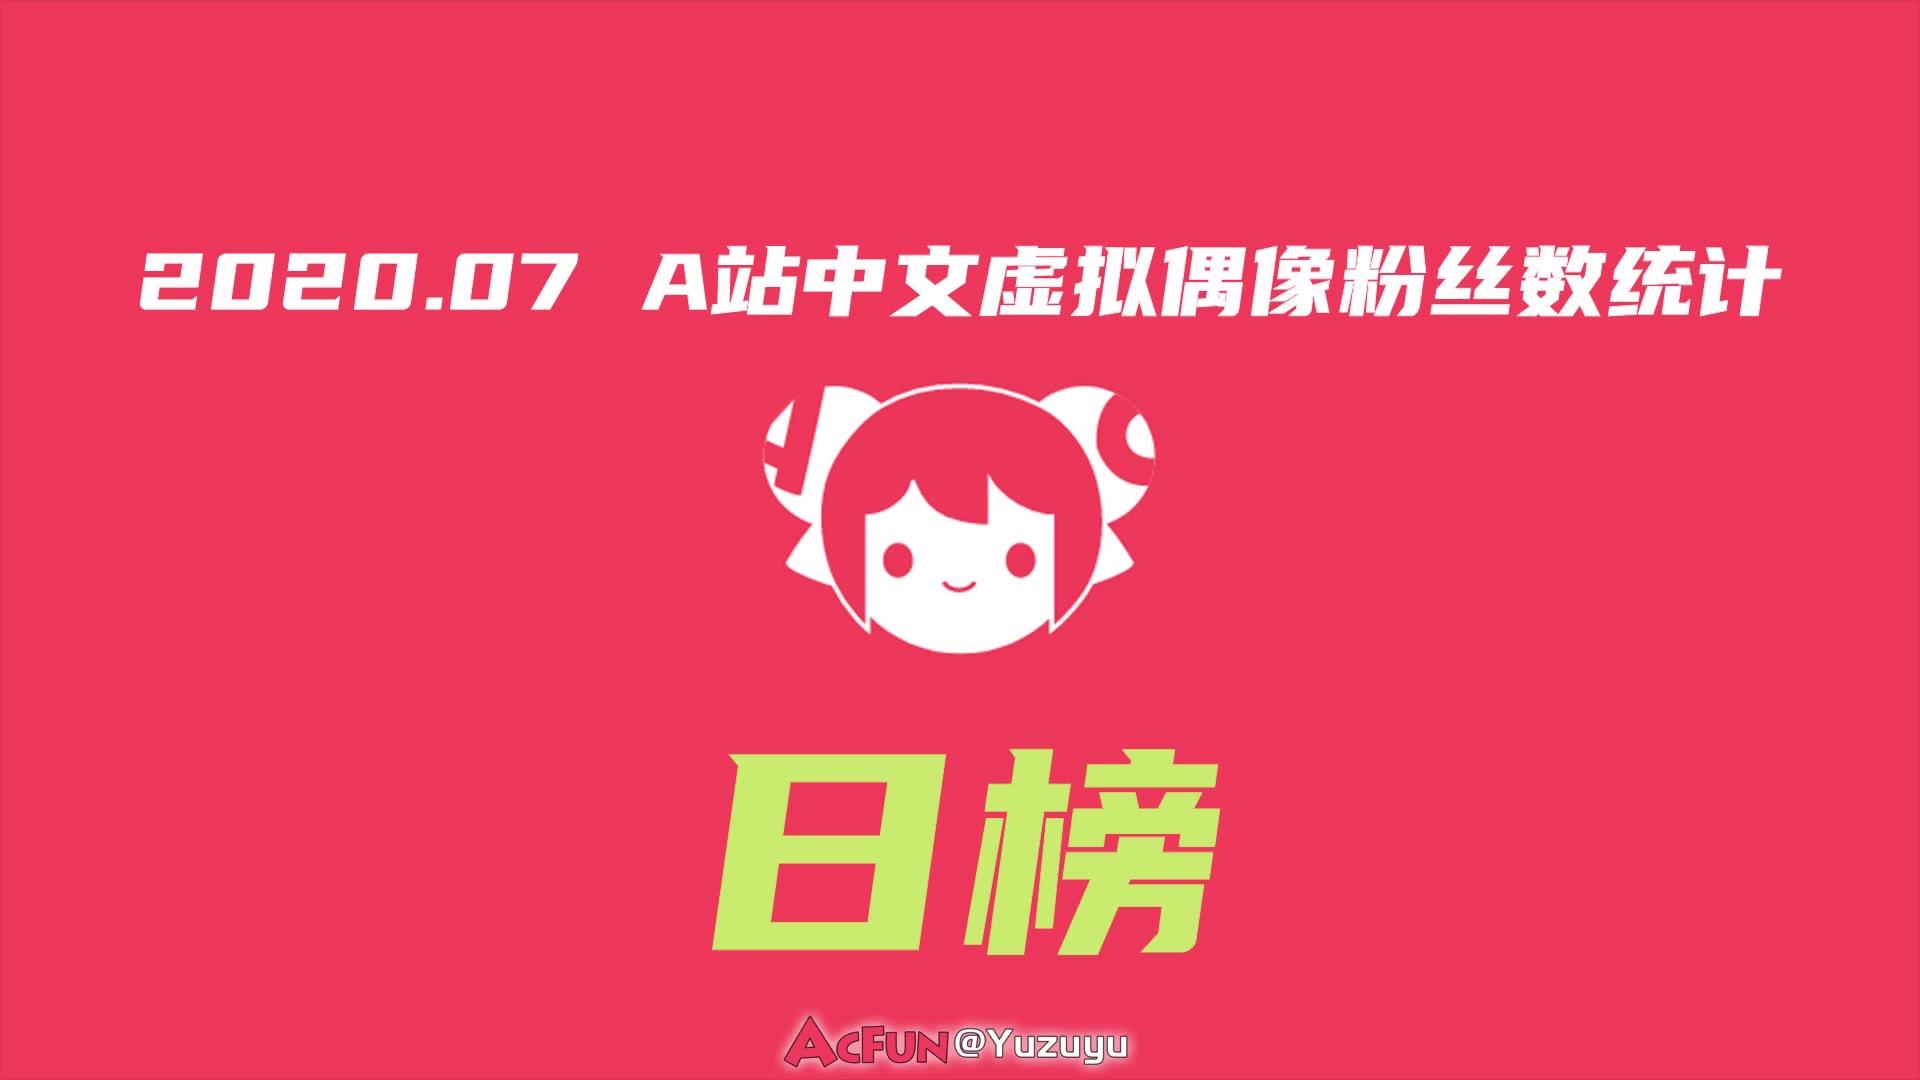 【2020年07月】A站中文虚拟偶像粉丝数排行榜